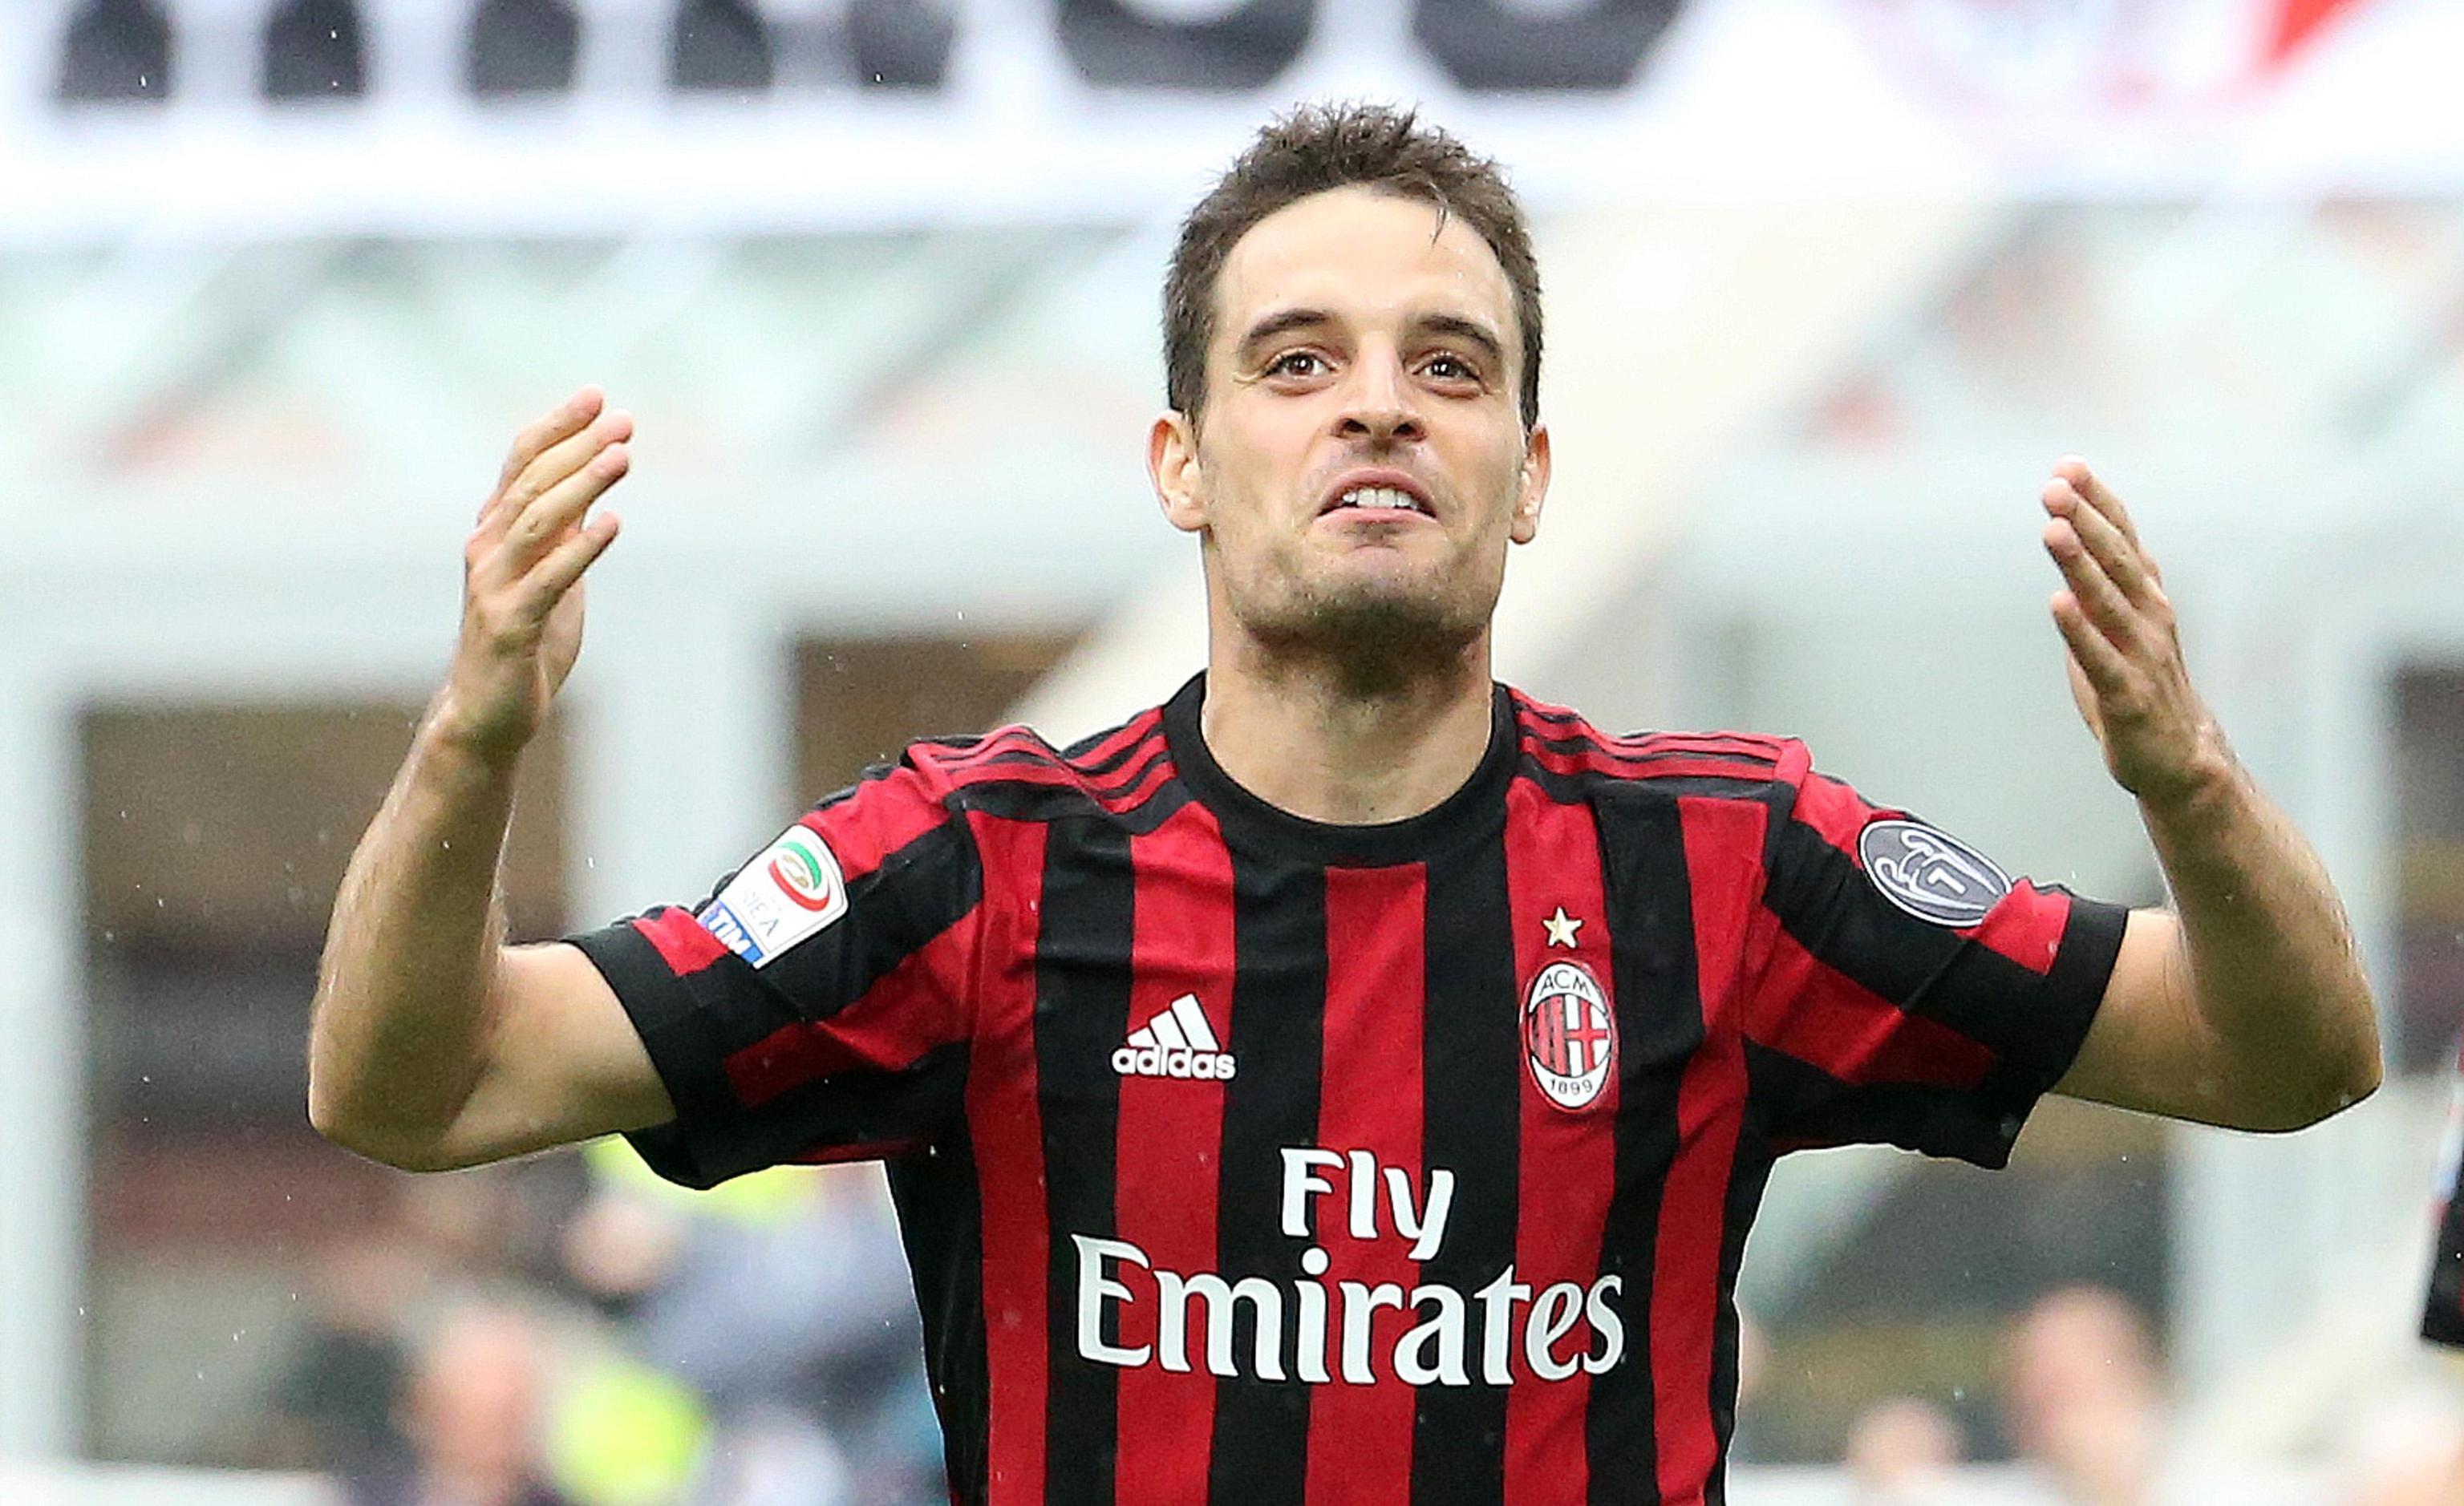 Bonaventura (Milan)  - 30 milioni: il milanista è capace di ricoprire più ruoli e i problemi societari rossoneri potrebbero spingerlo, più di Raiola, verso l'addio. Lo vuole la Juventus, ma piace anche a Napoli e Roma